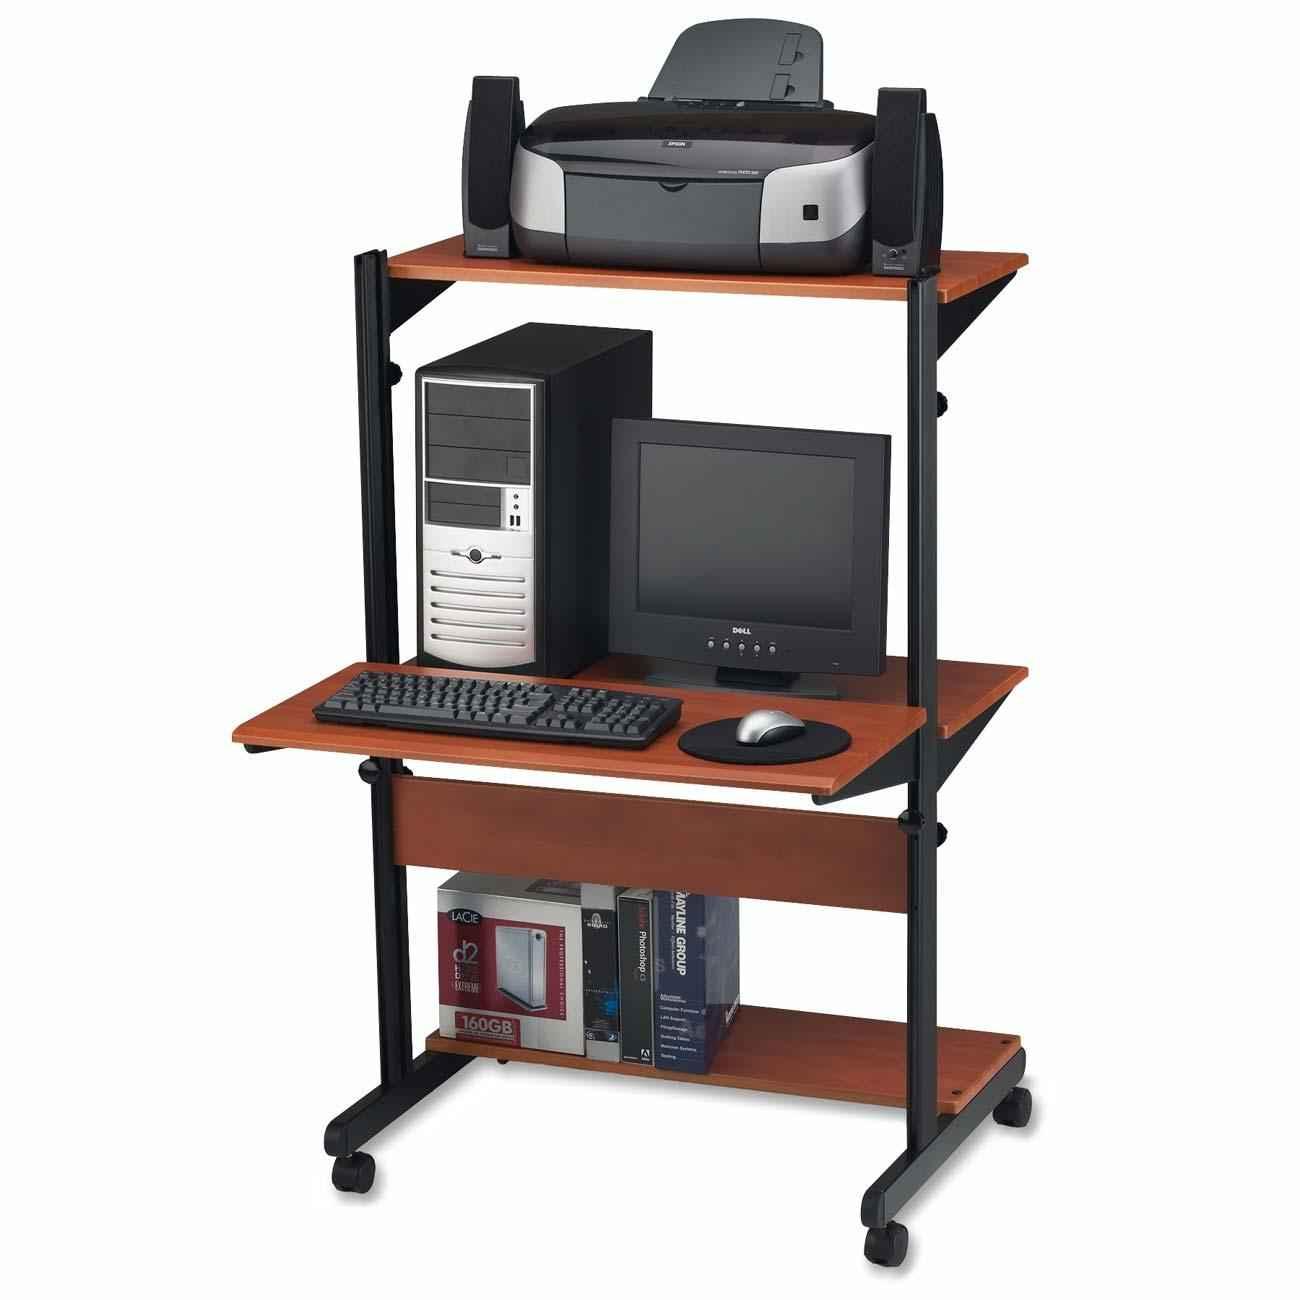 Adjustable Computer Workstations Desk Benefits